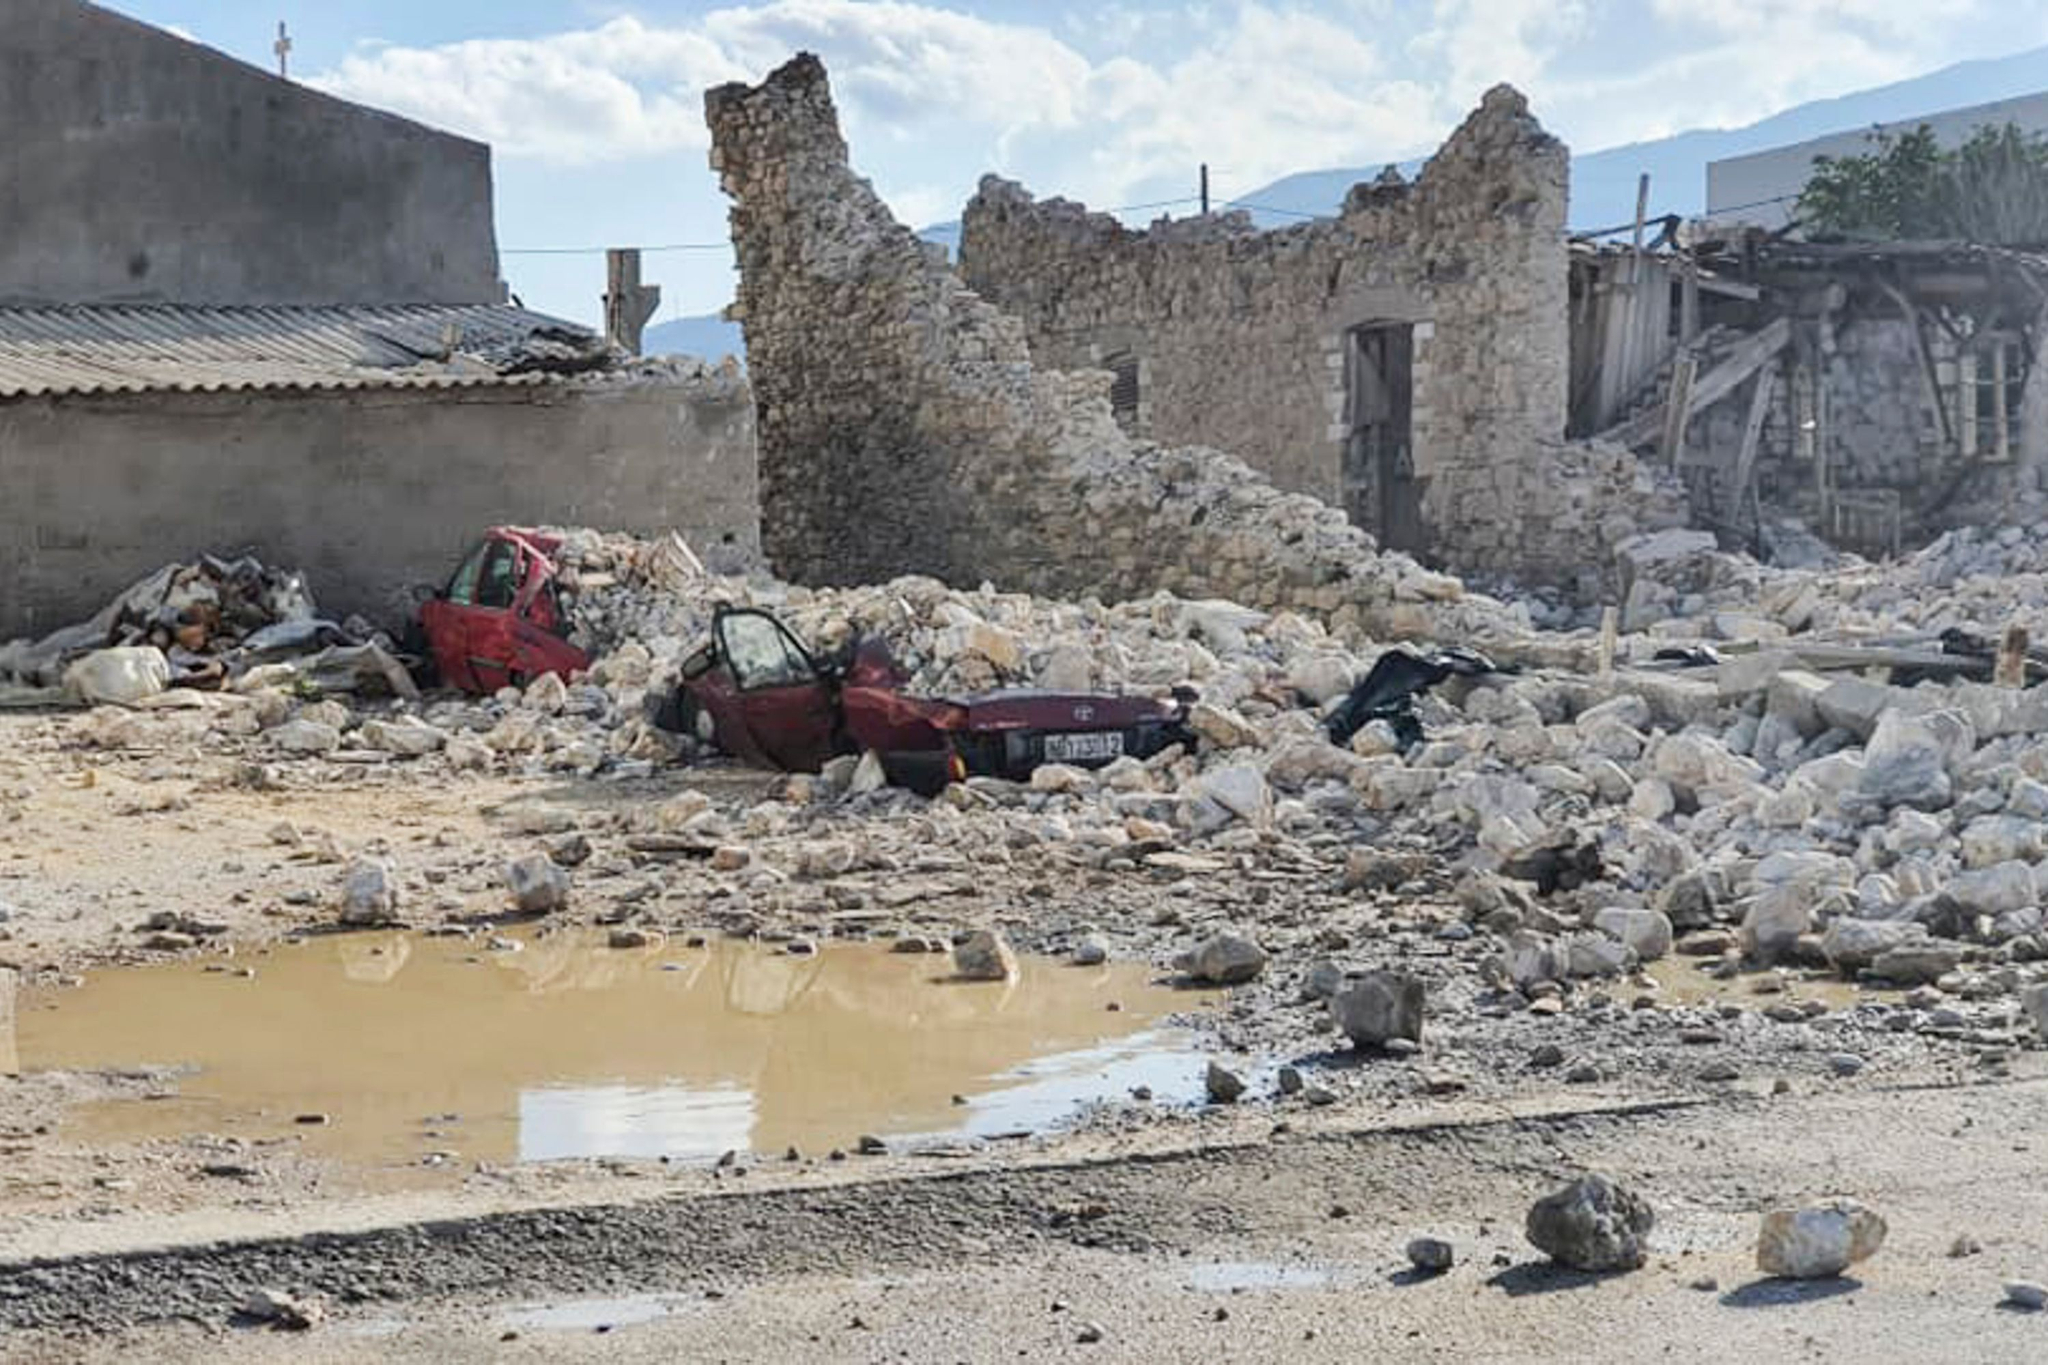 터키 서부 에게해 해역에서 30일(현지시간) 규모 7.0의 강진이 발생했다. 사진은 지진으로 건물이 붕괴되는 등의 피해를 입은 그리스 사모스섬. AFP=연합뉴스